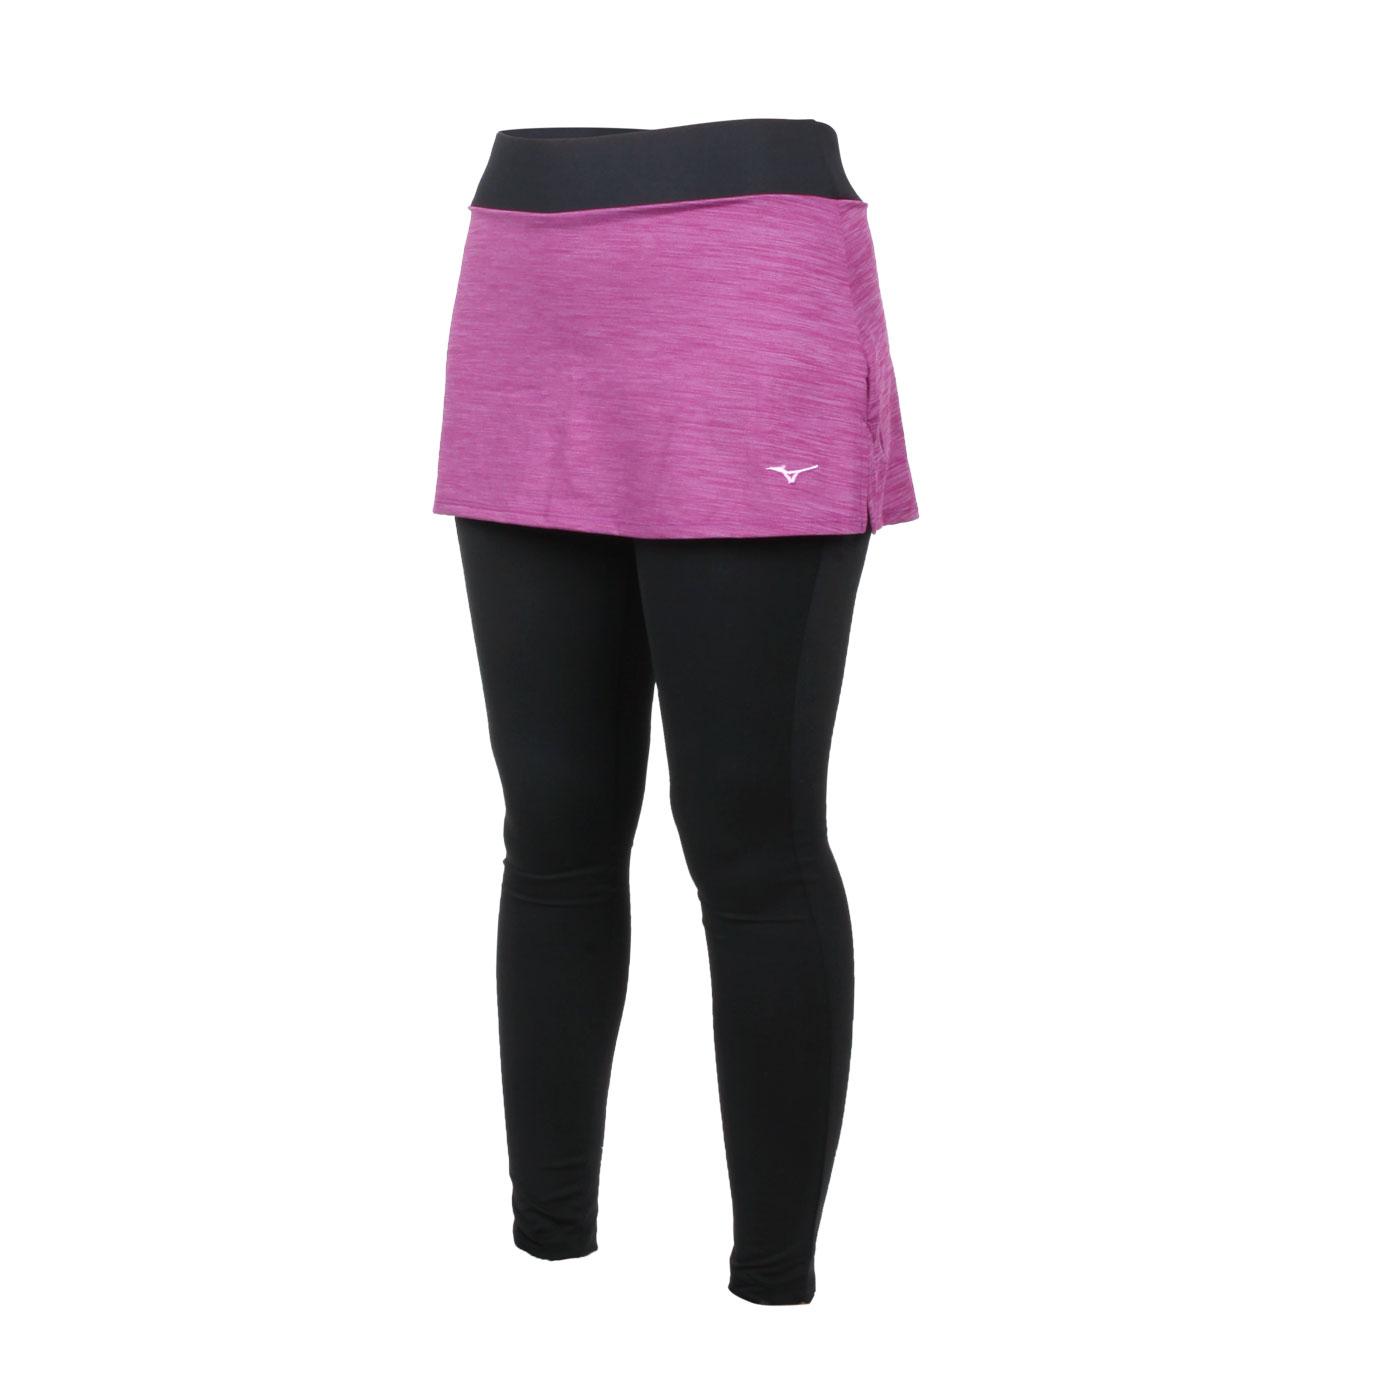 MIZUNO 女款緊身褲裙 K2TB120768 - 深紫黑